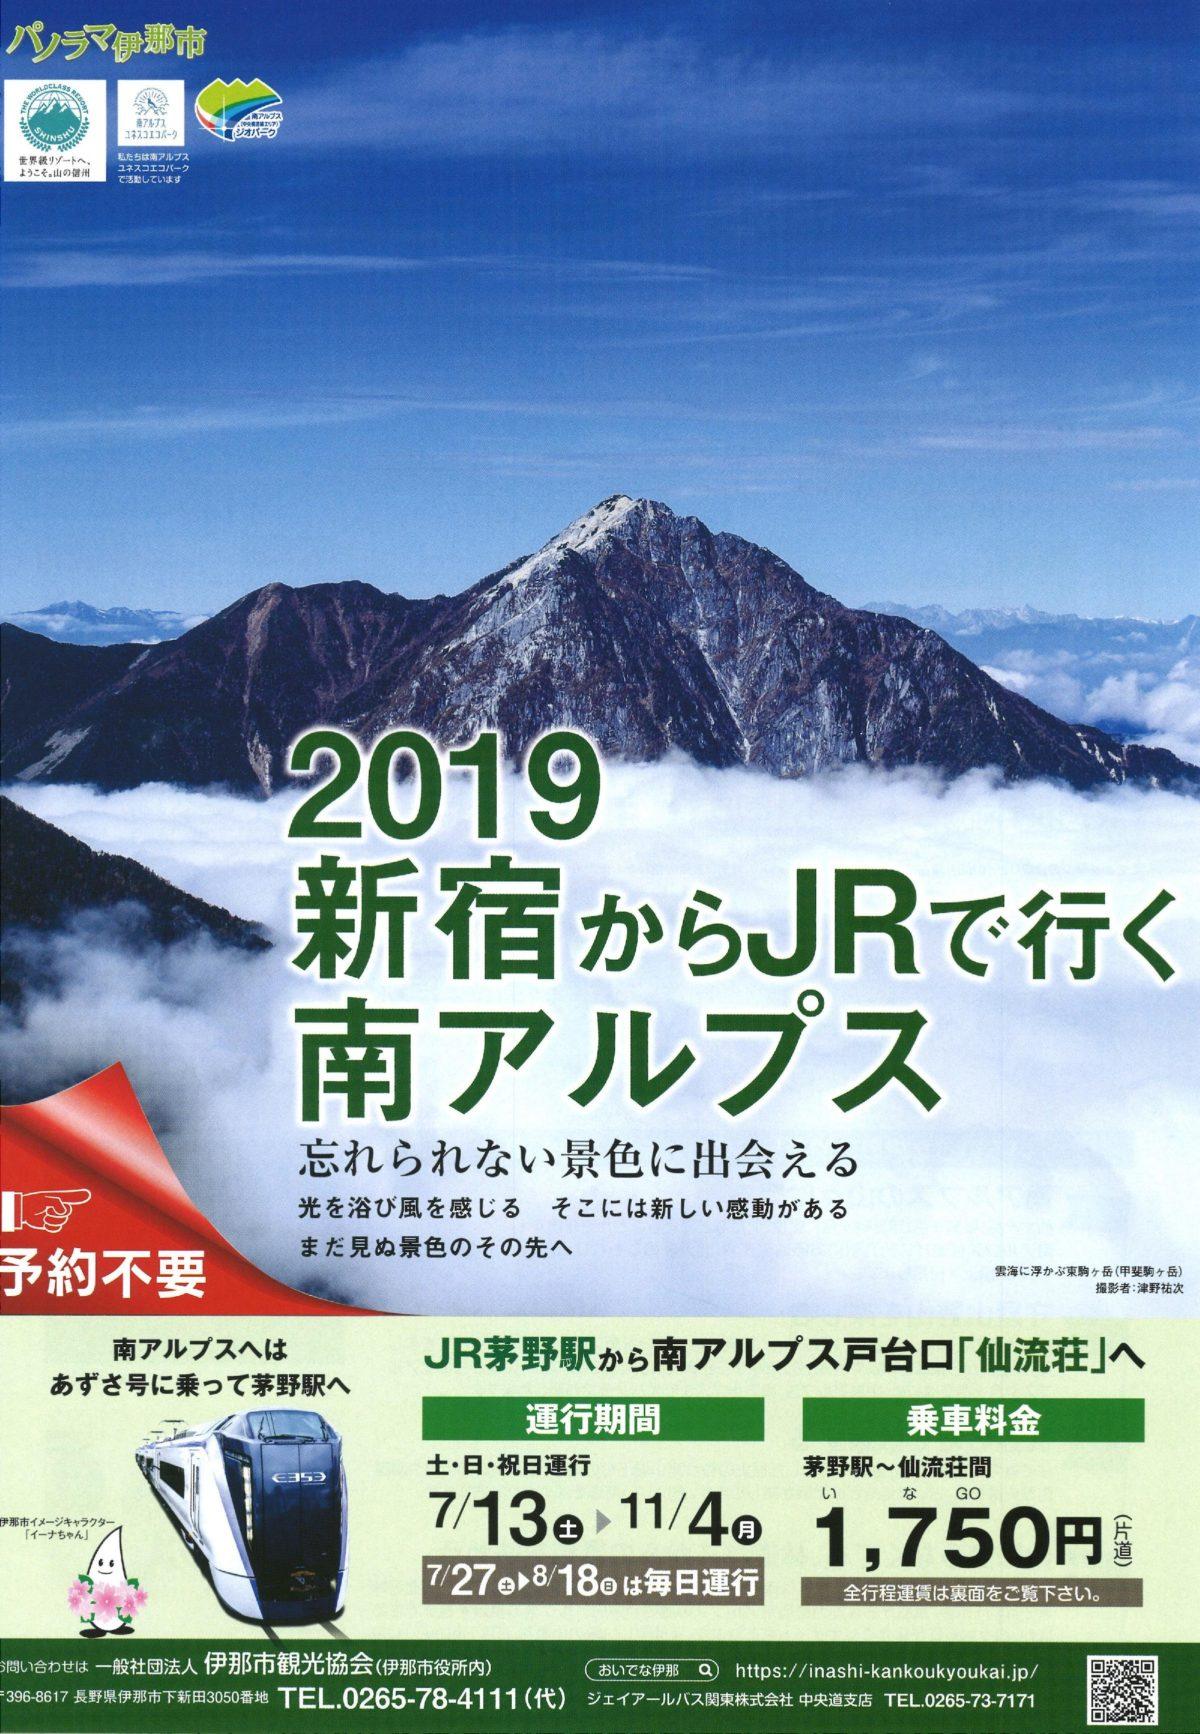 登山情報 第3弾【新宿から南アルプスへ】